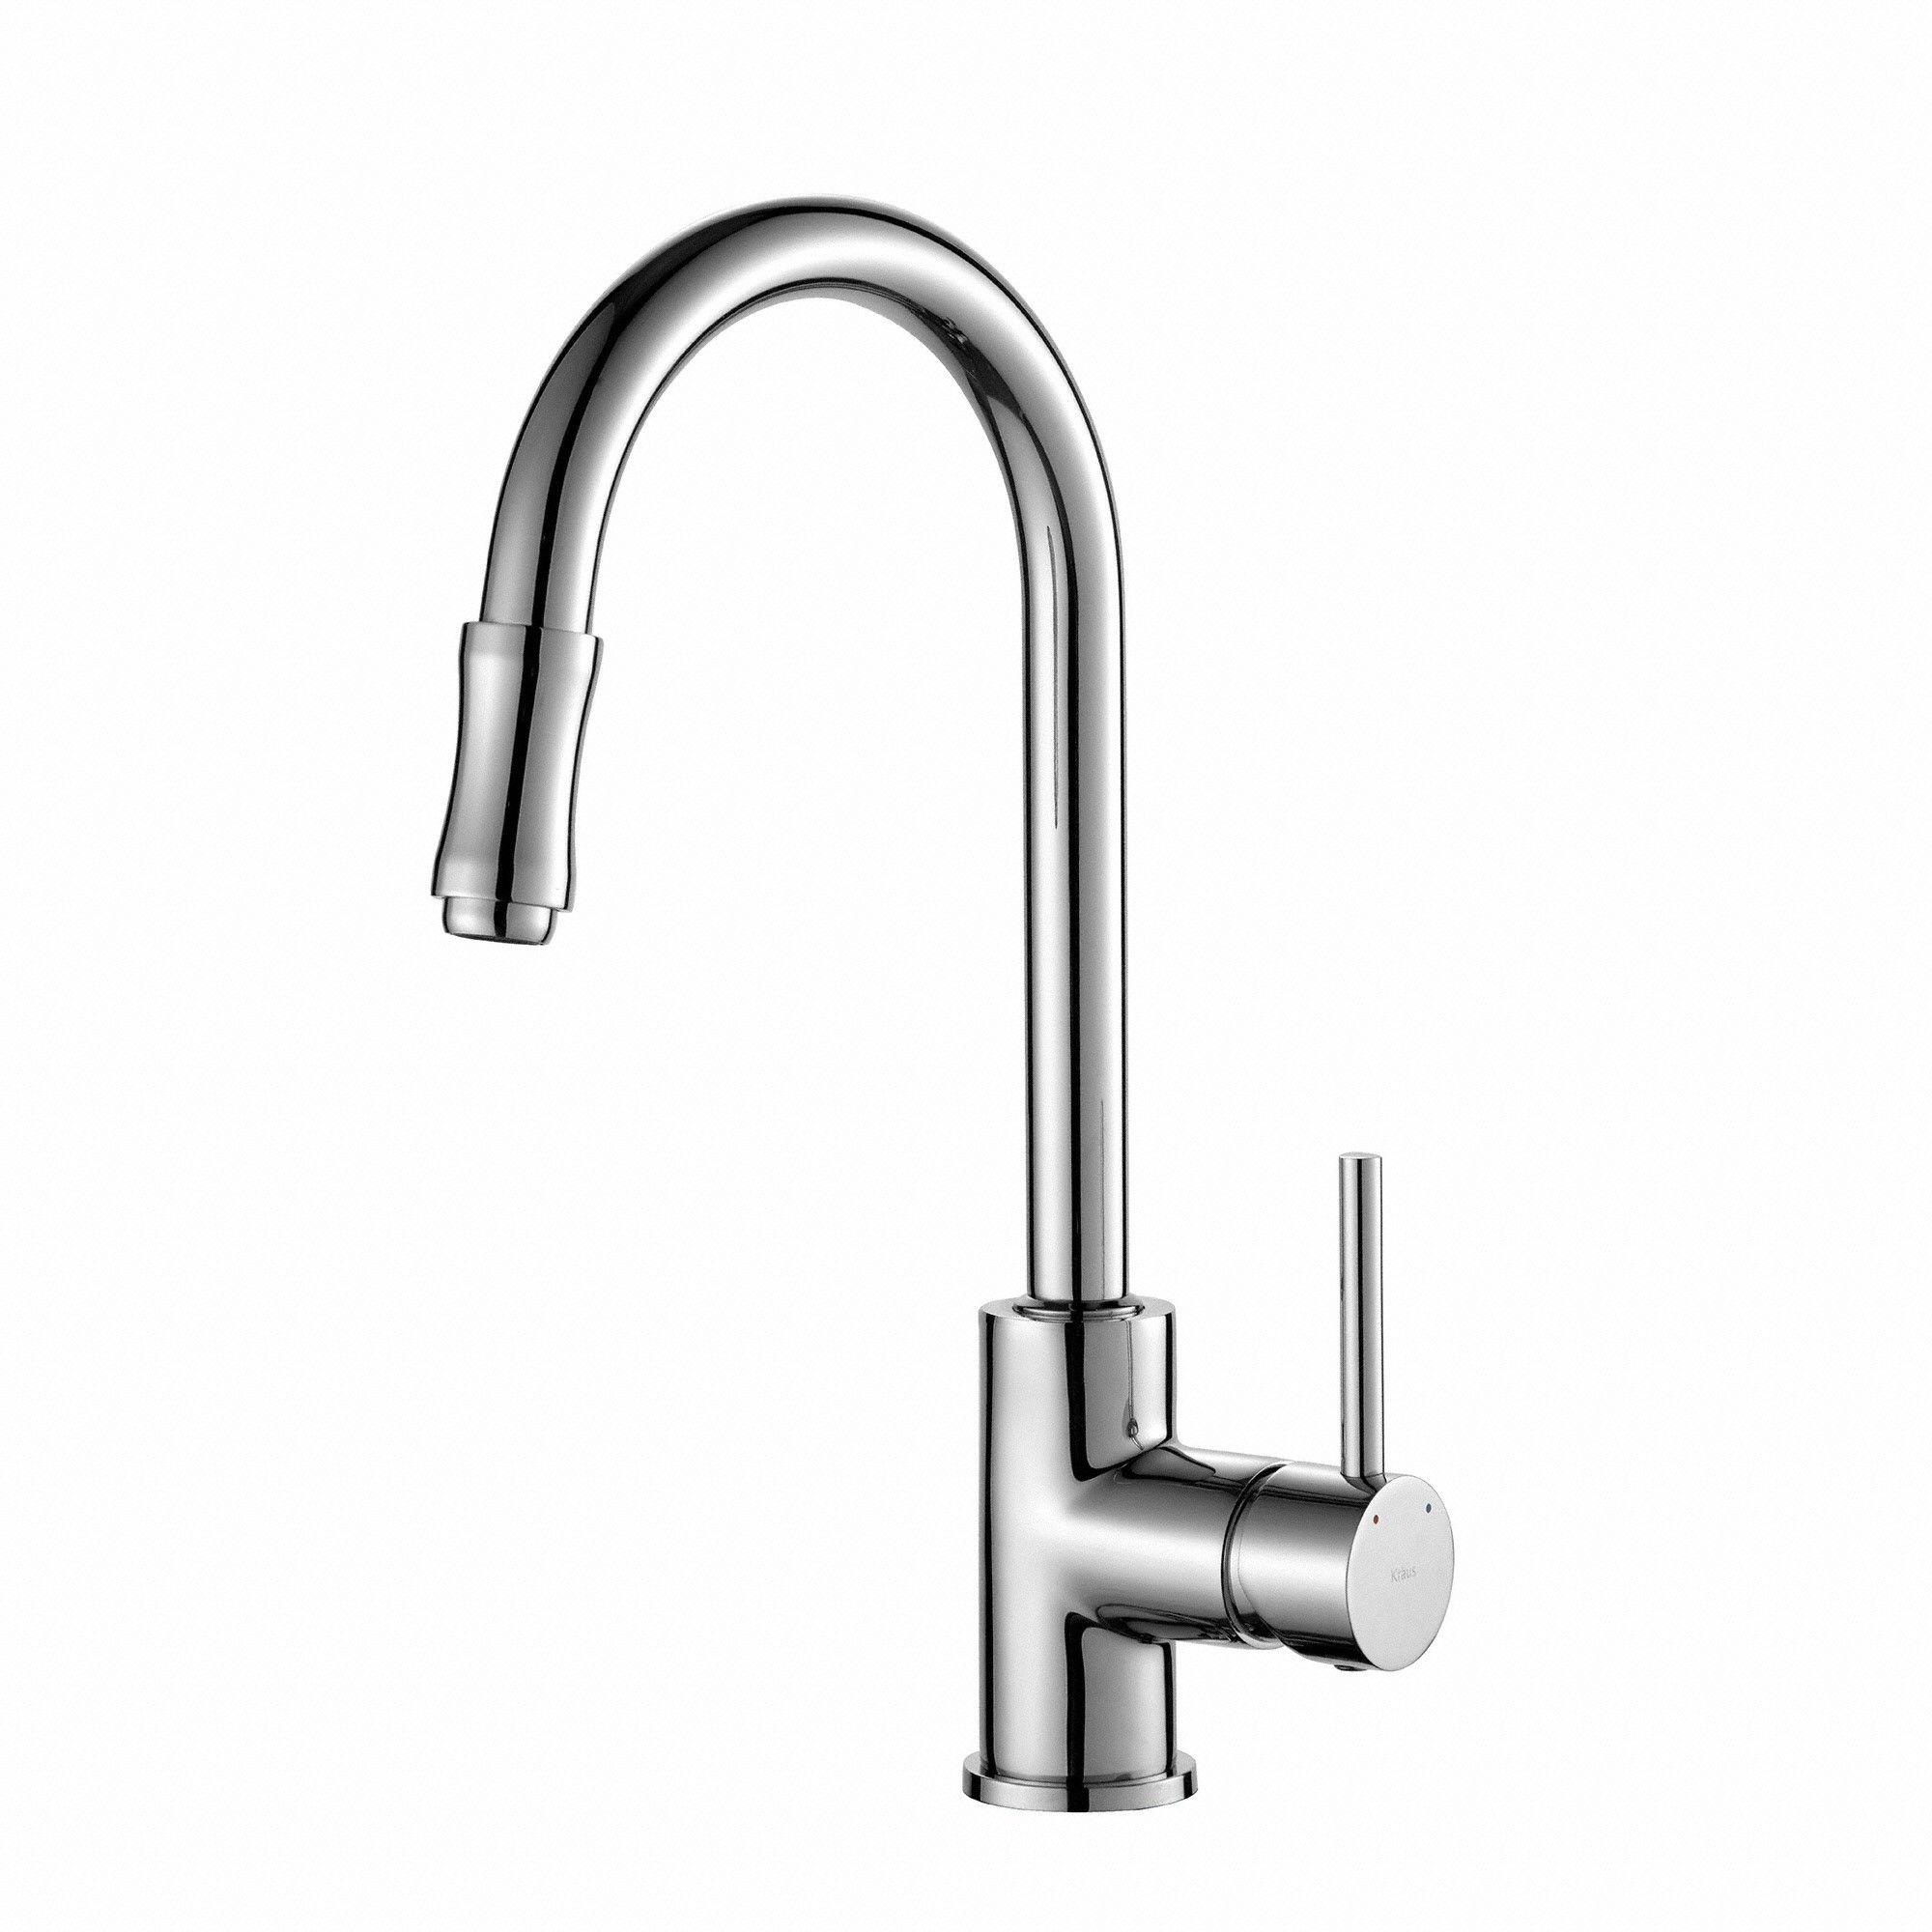 Best Unique Moen Arbor Kitchen Faucet With Sprayer Sink Diverter Valve Dripping Repair